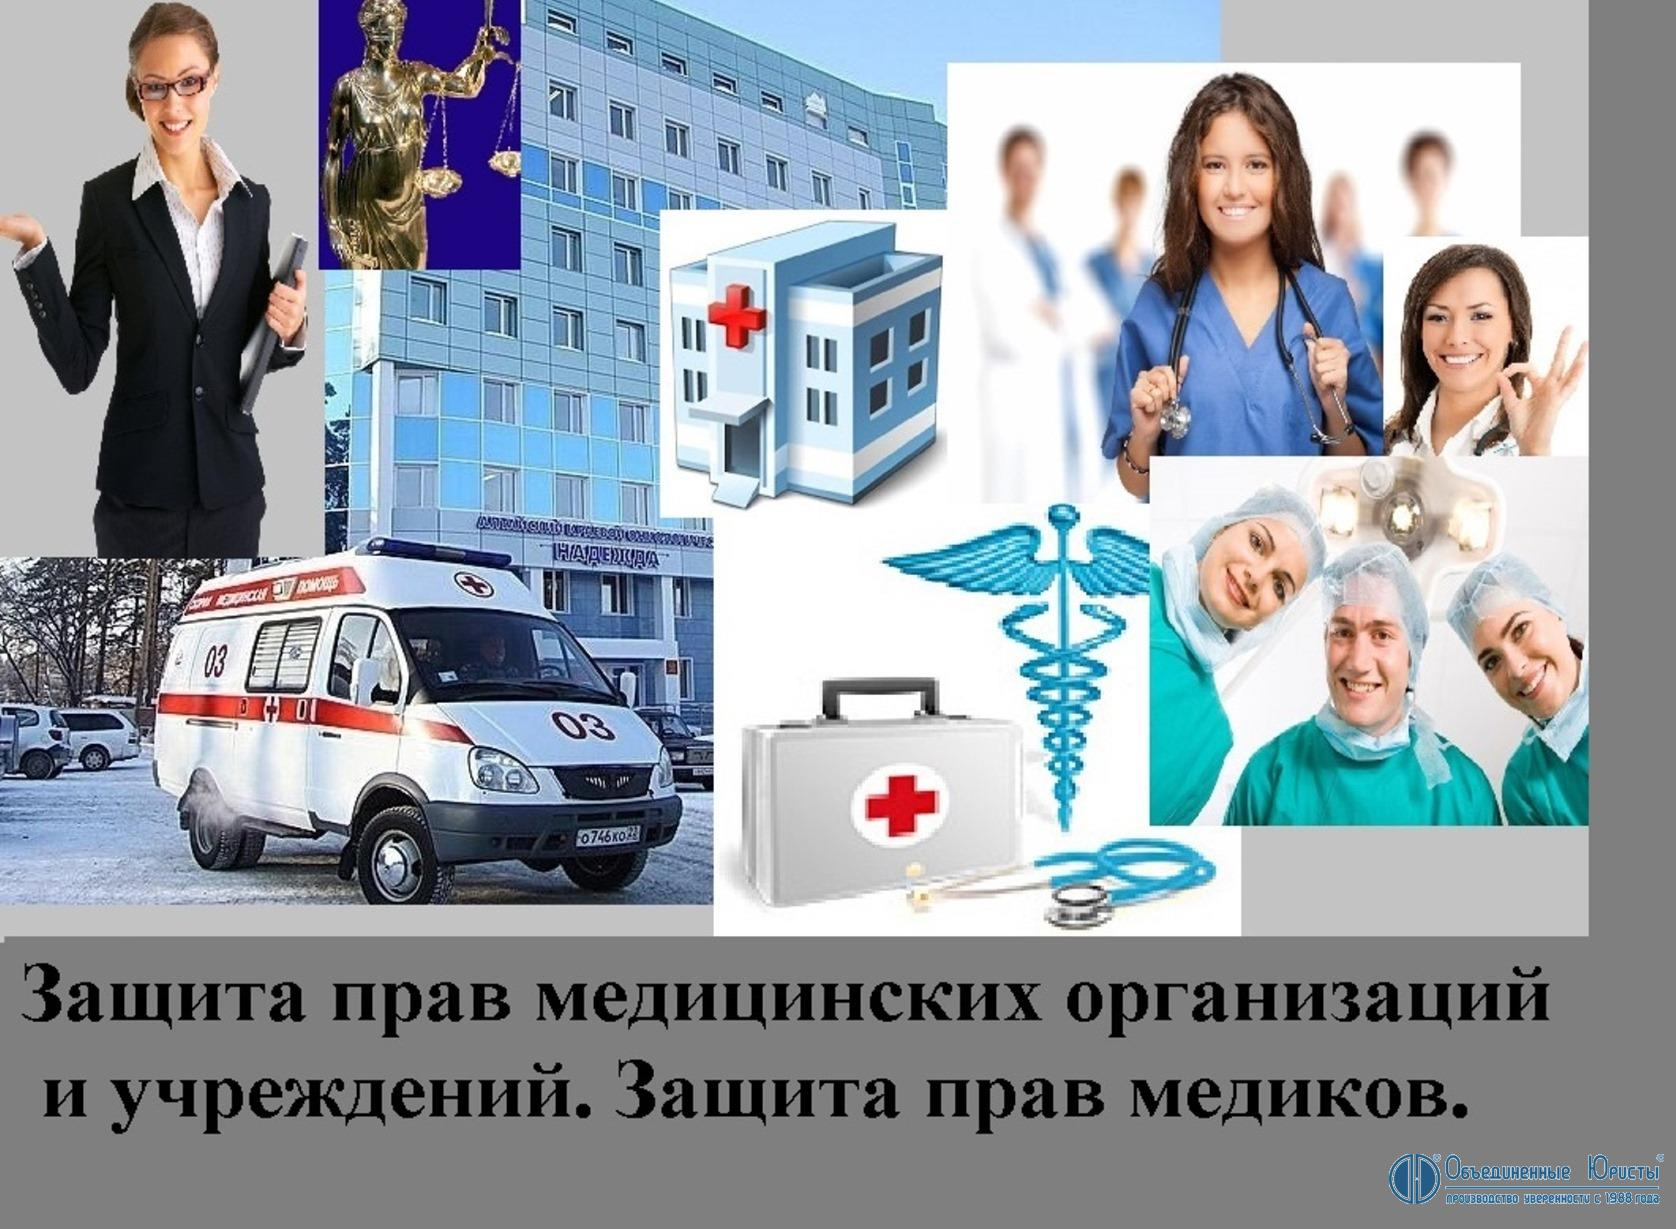 Защита прав медицинских организаций и учреждений, взыскание убытков с пациентов, юридическое обслуживание медицинских организаций, судебная защита прав врача, защита прав медиков в суде против пациентов, стоимость, как,где, 2019 | Объединенные Юристы